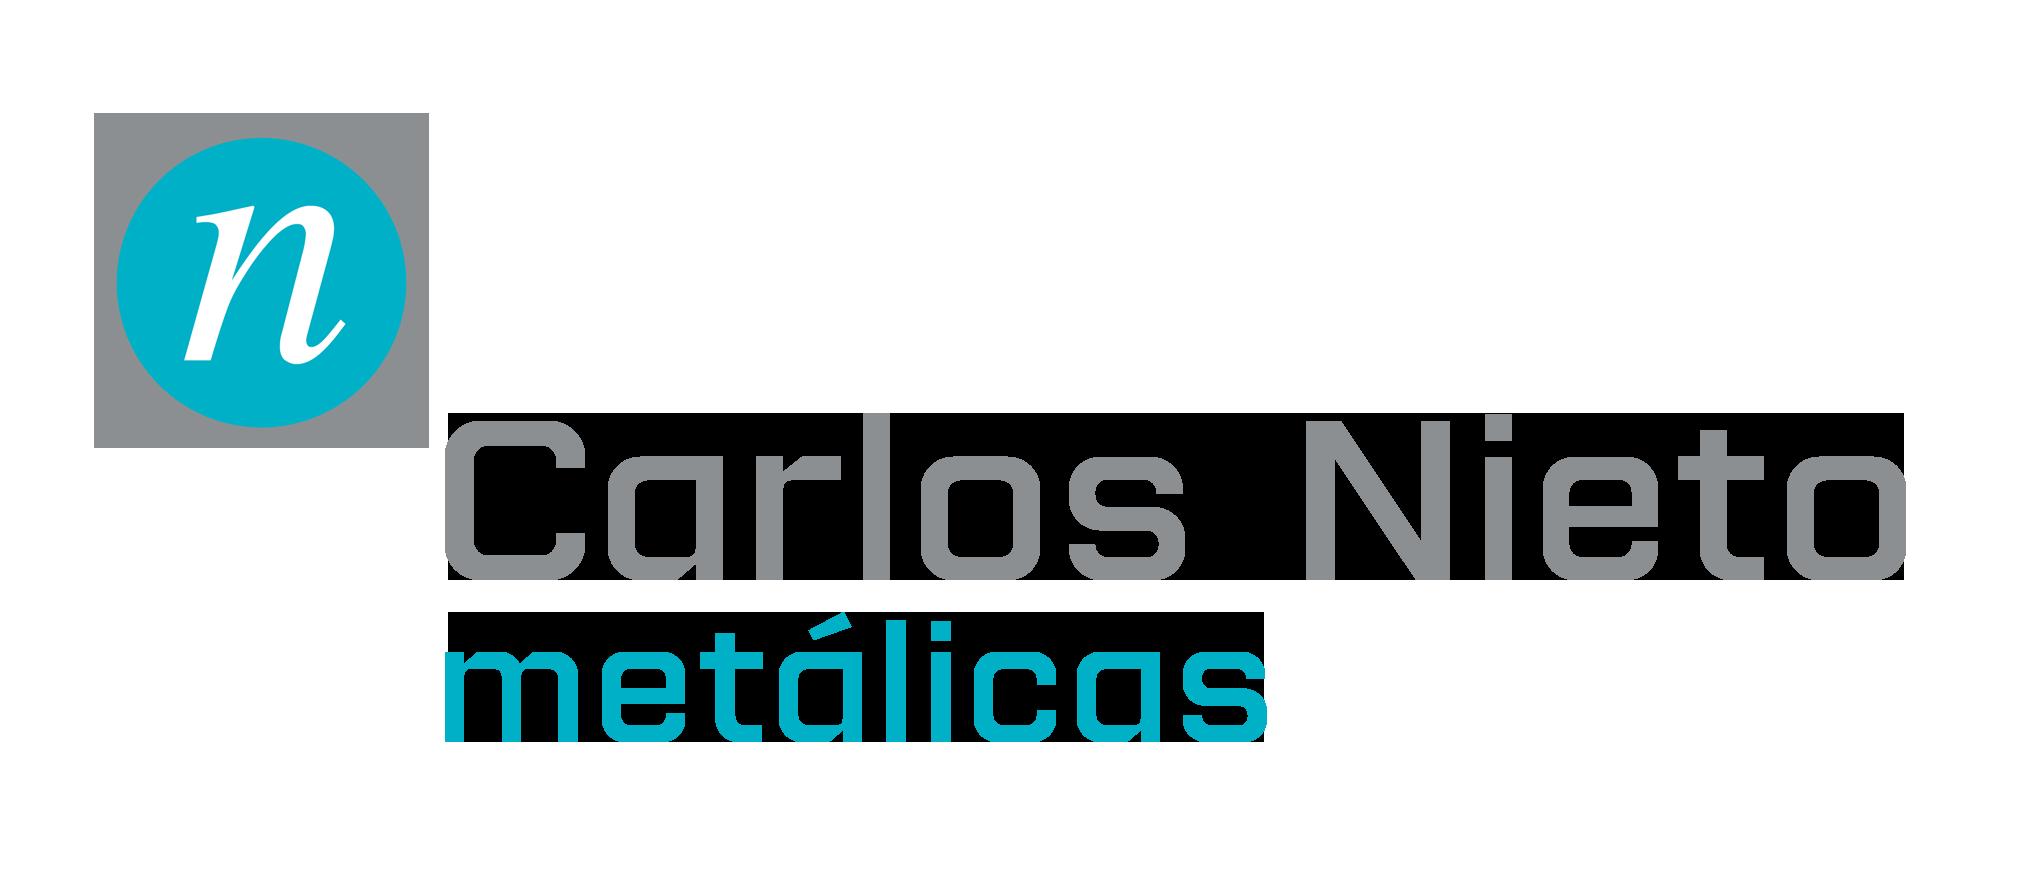 Metalicas Carlos Nieto